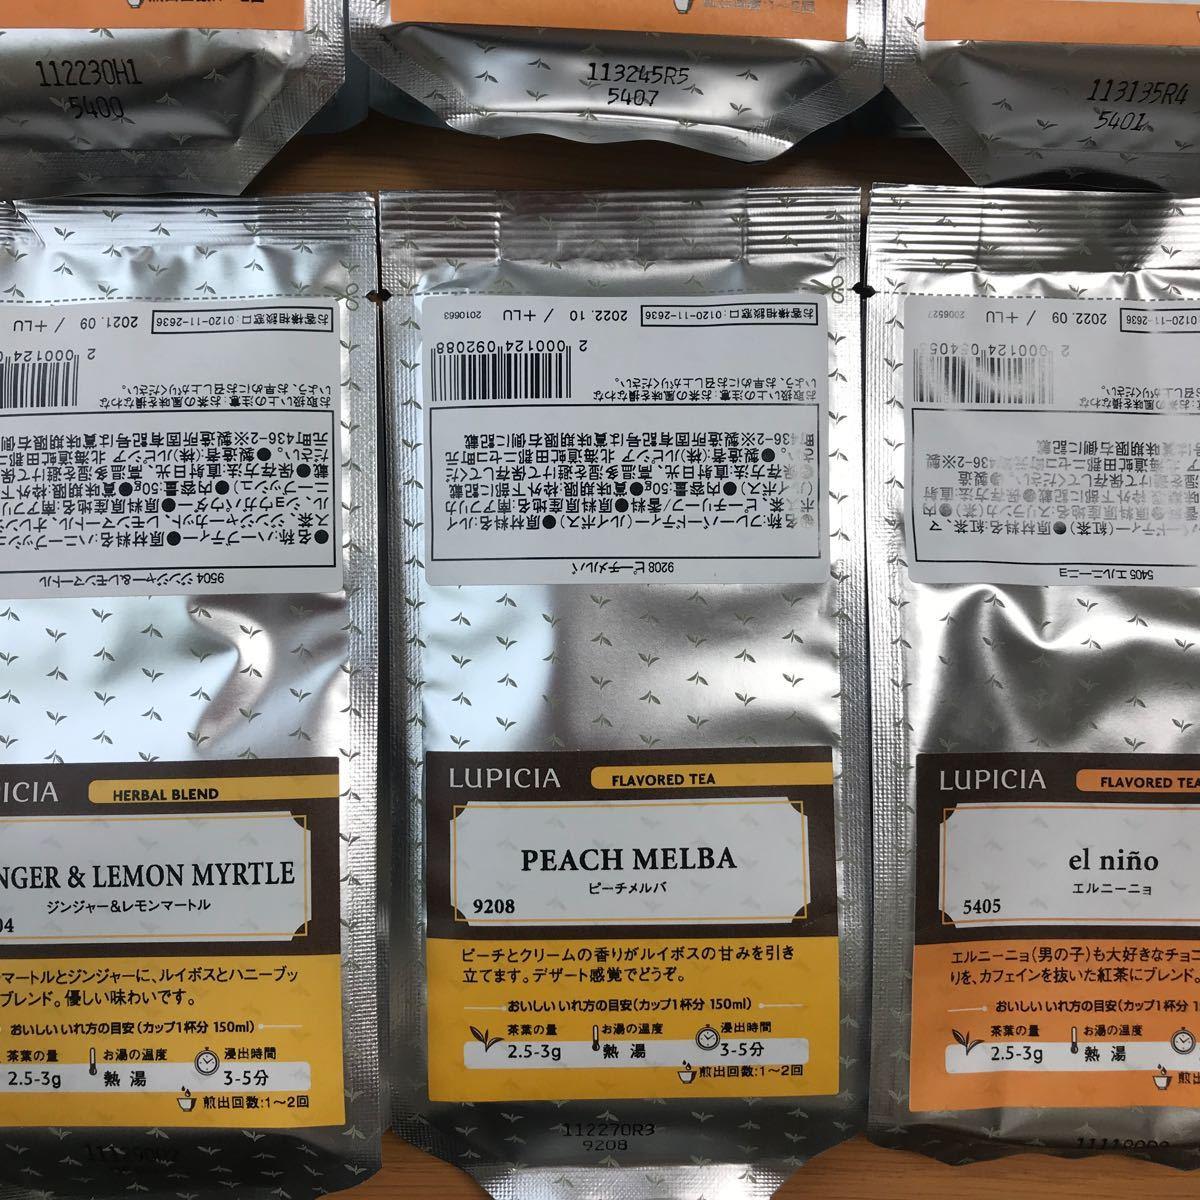 【新品未使用品・サンプル2点付き】ルピシア 紅茶 リーフ6点 デカフェ・ノンカフェイン